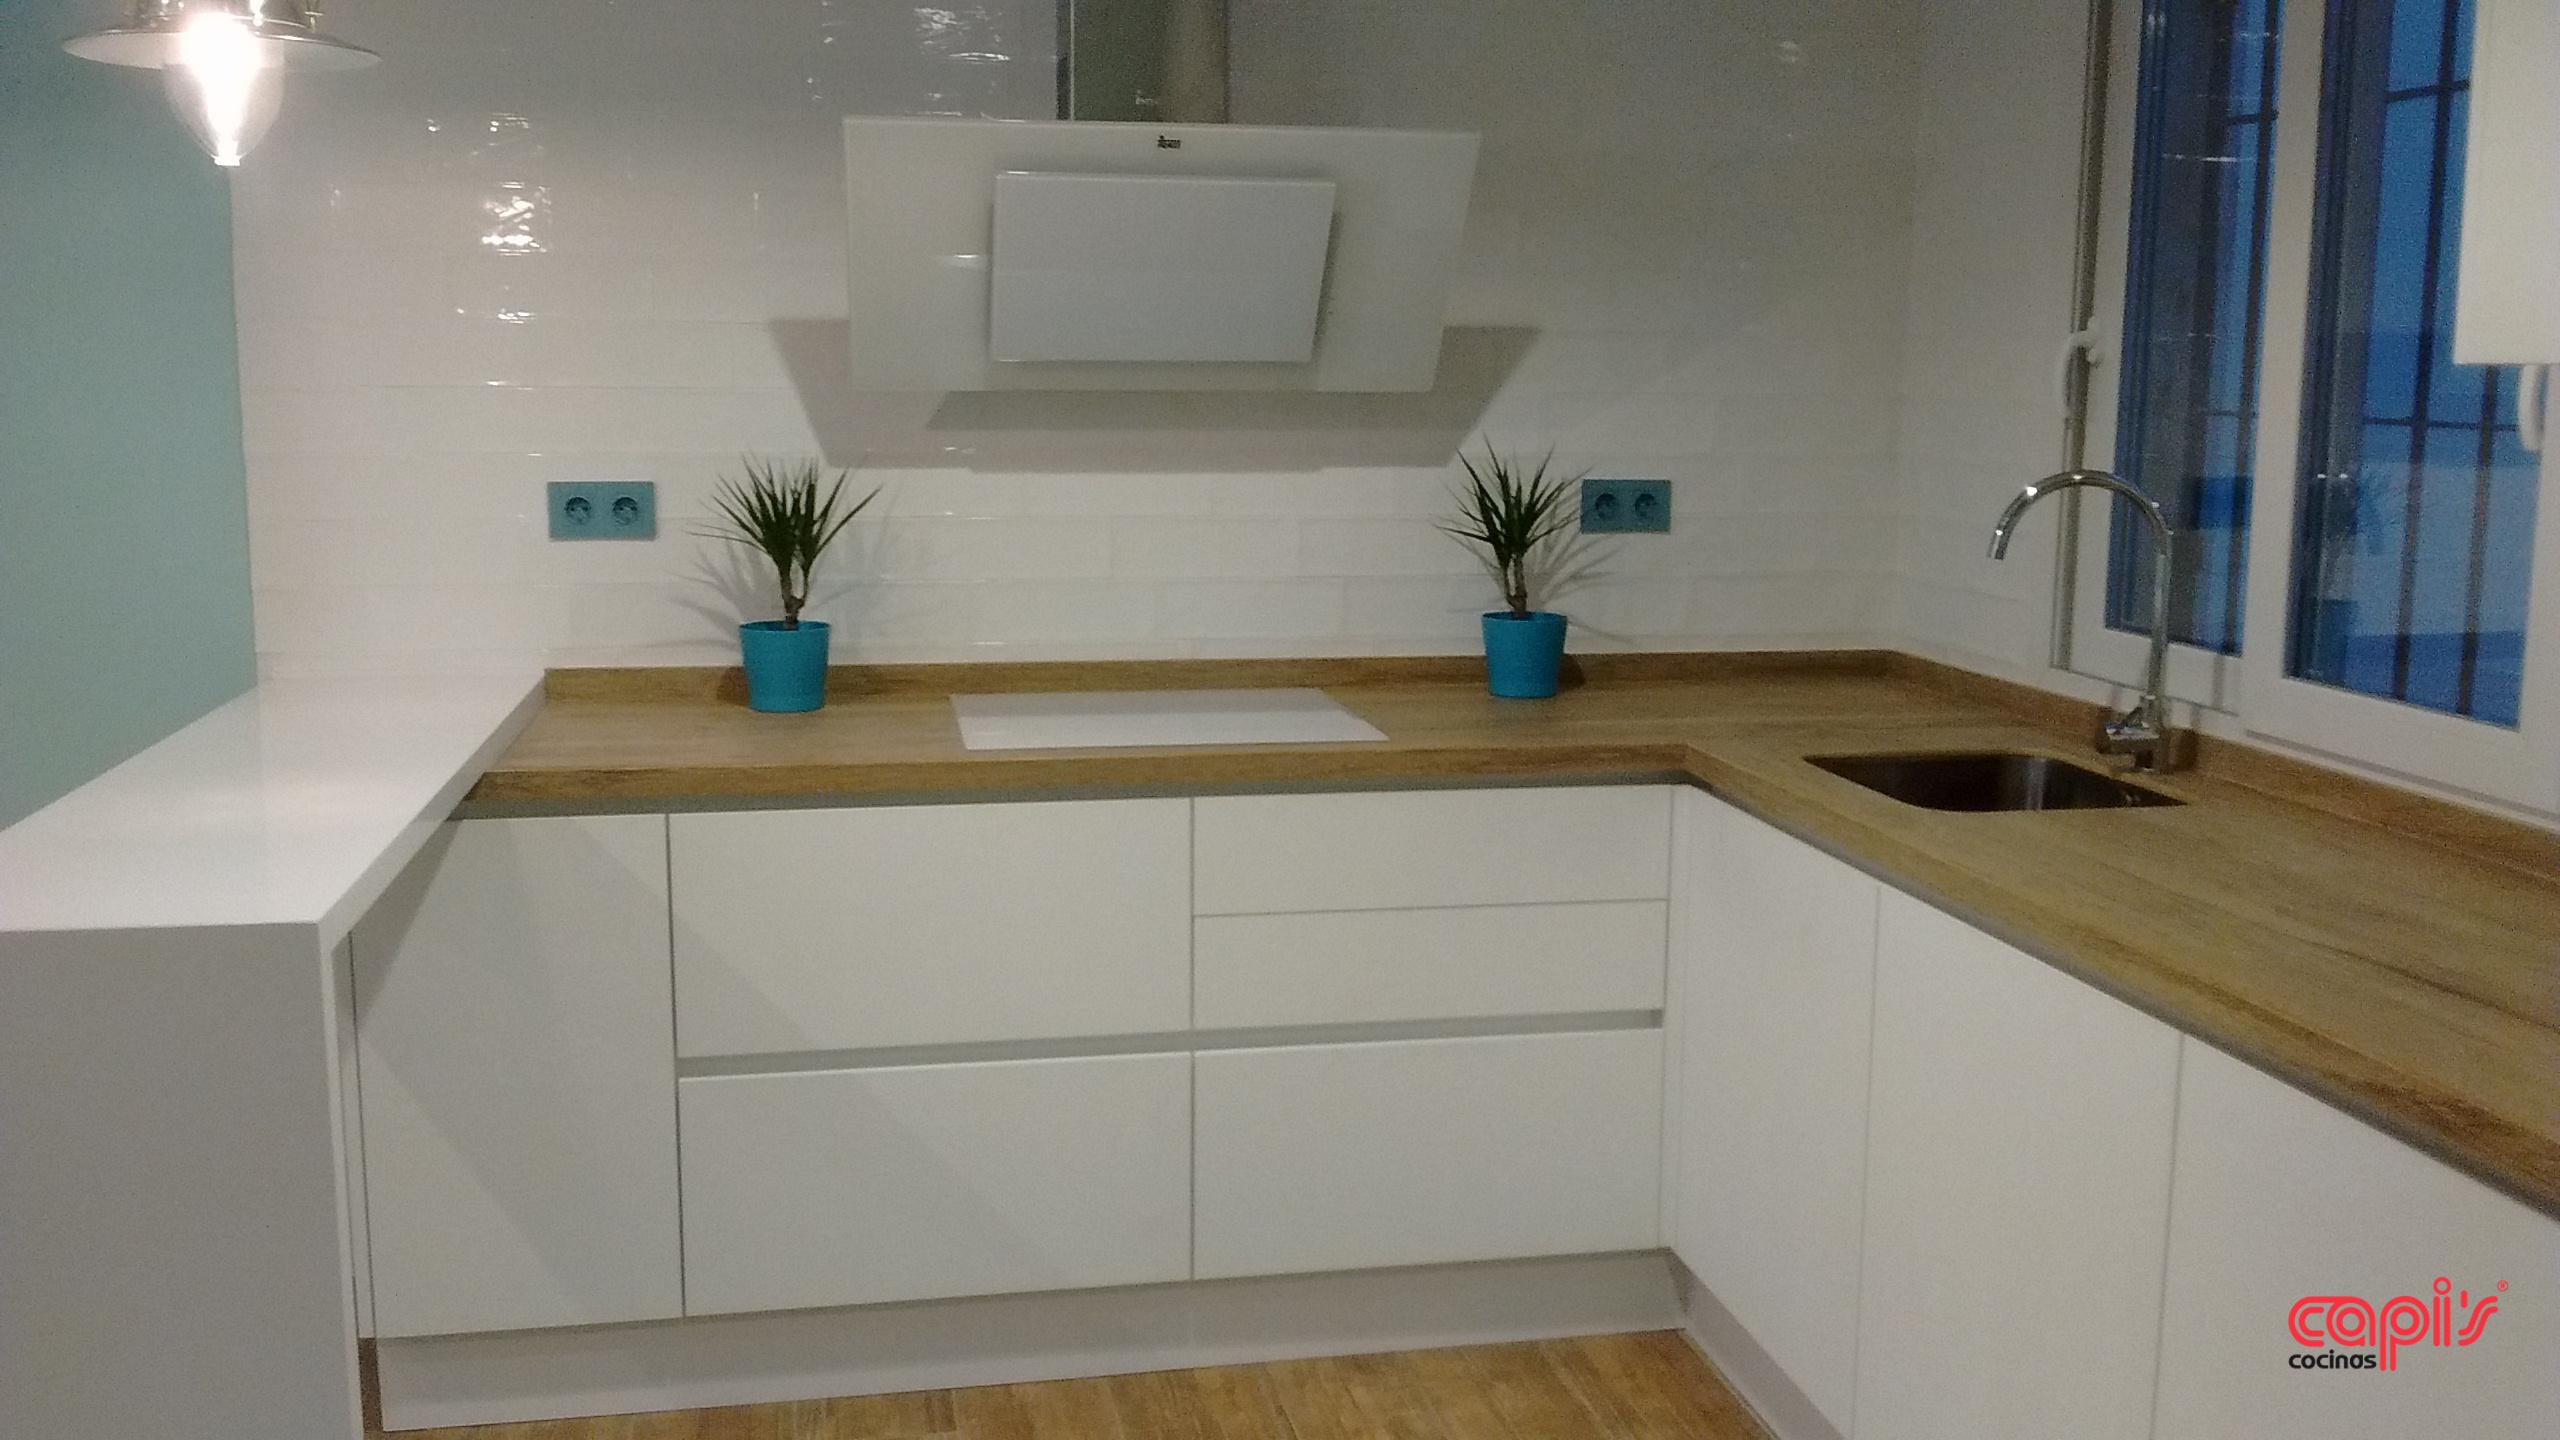 Cocina madera y blanco cocinas capis dise o y for Mesas de cocina blancas y madera